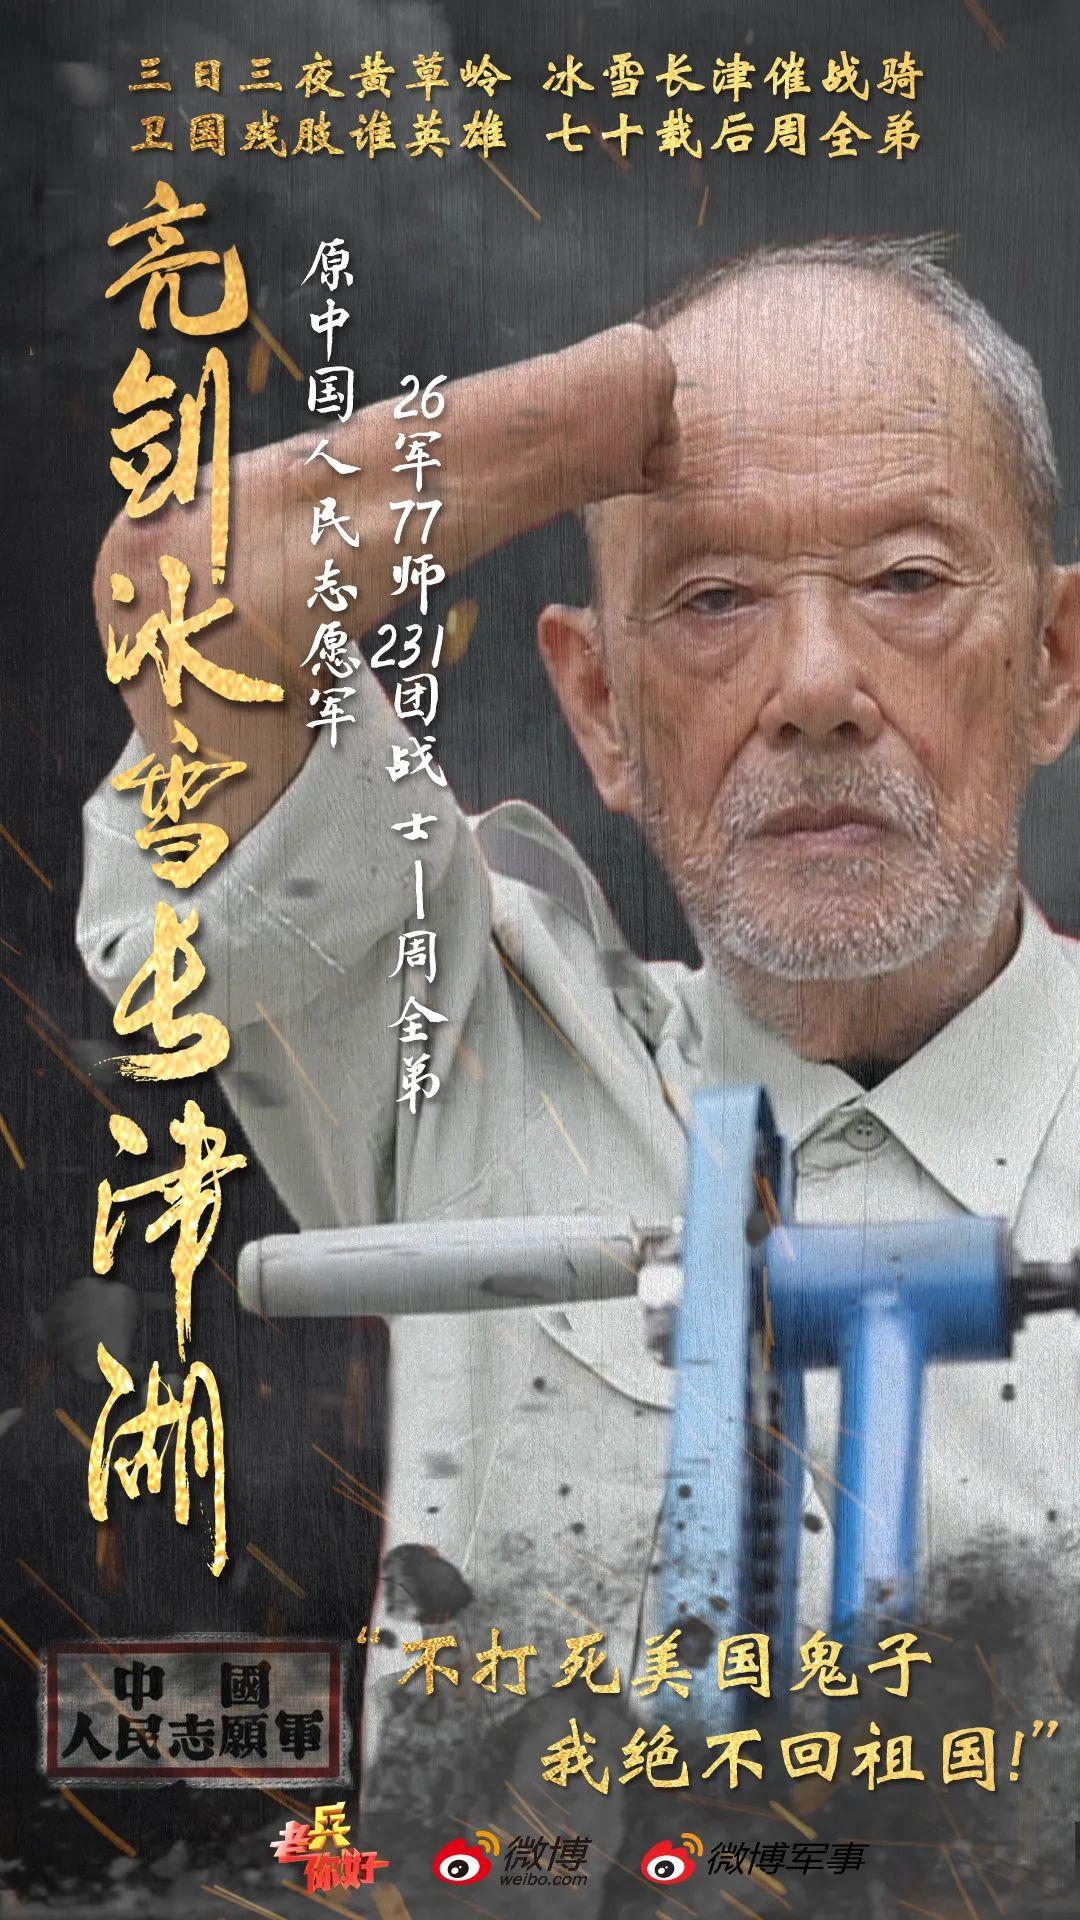 节目预告:亮剑冰雪长津湖   央视《你好老兵》抗美援朝70周年特别制作